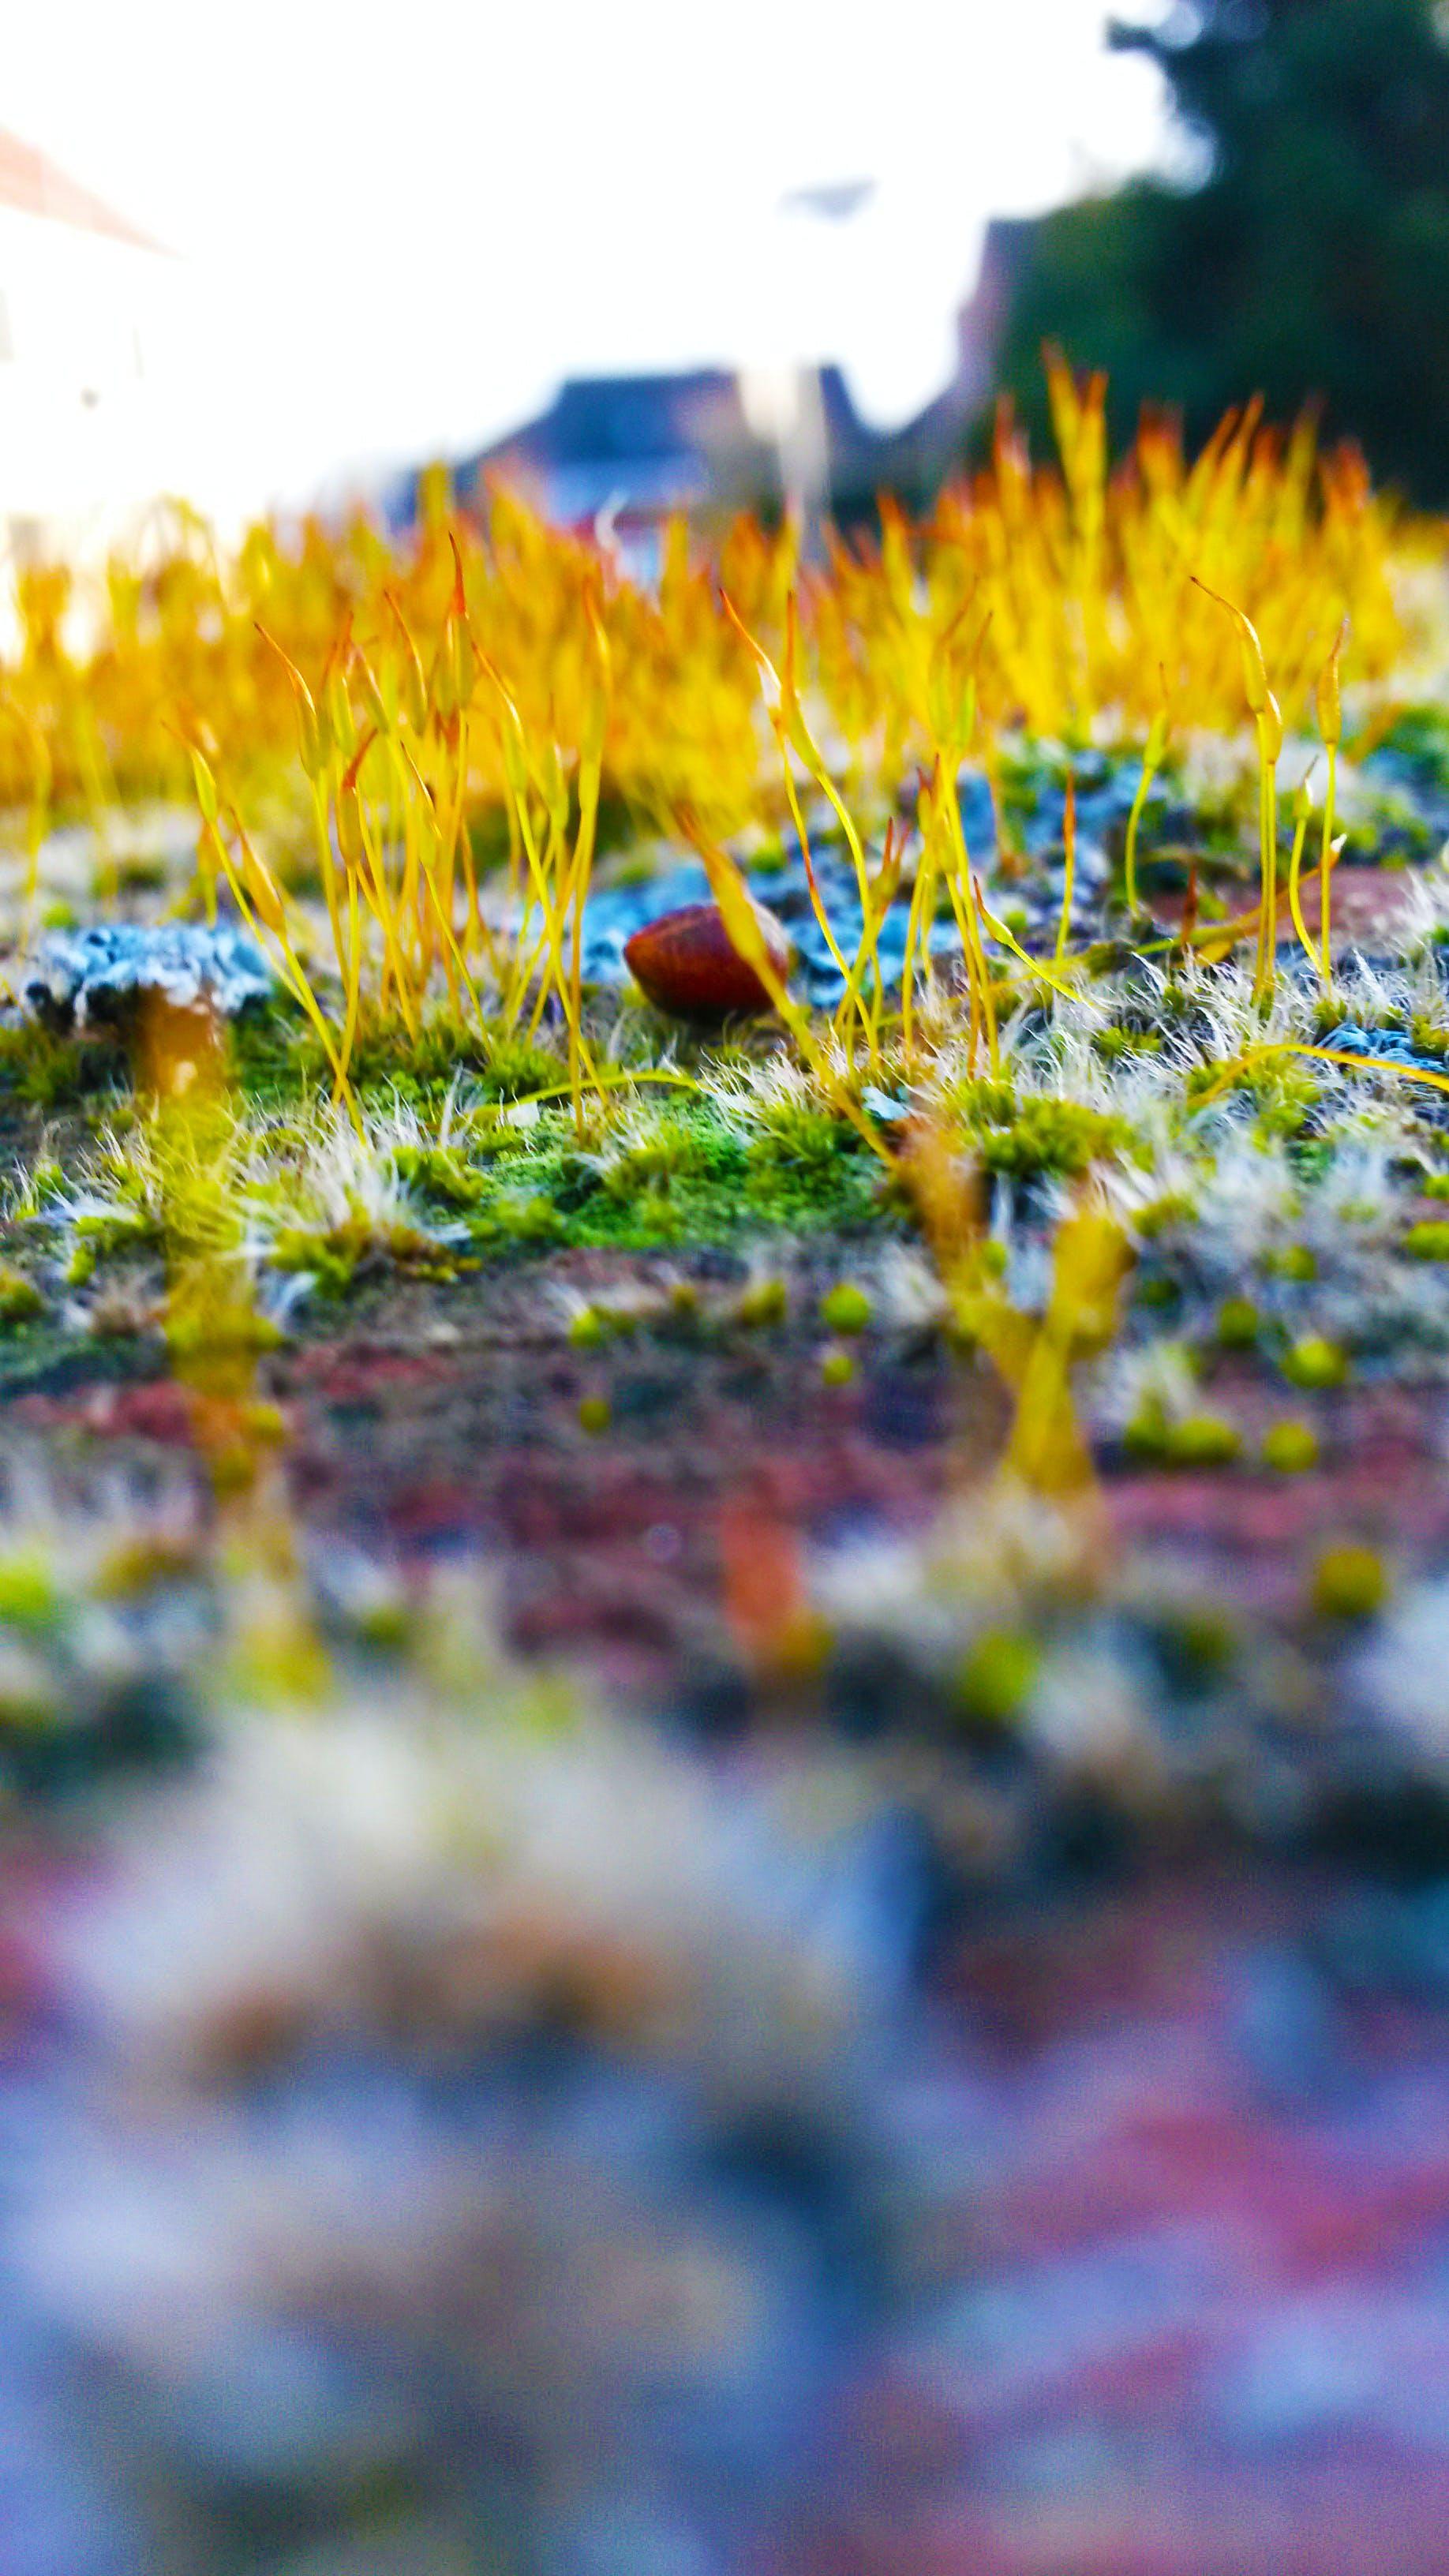 Kostnadsfri bild av fokus, gräs, mark, närbild